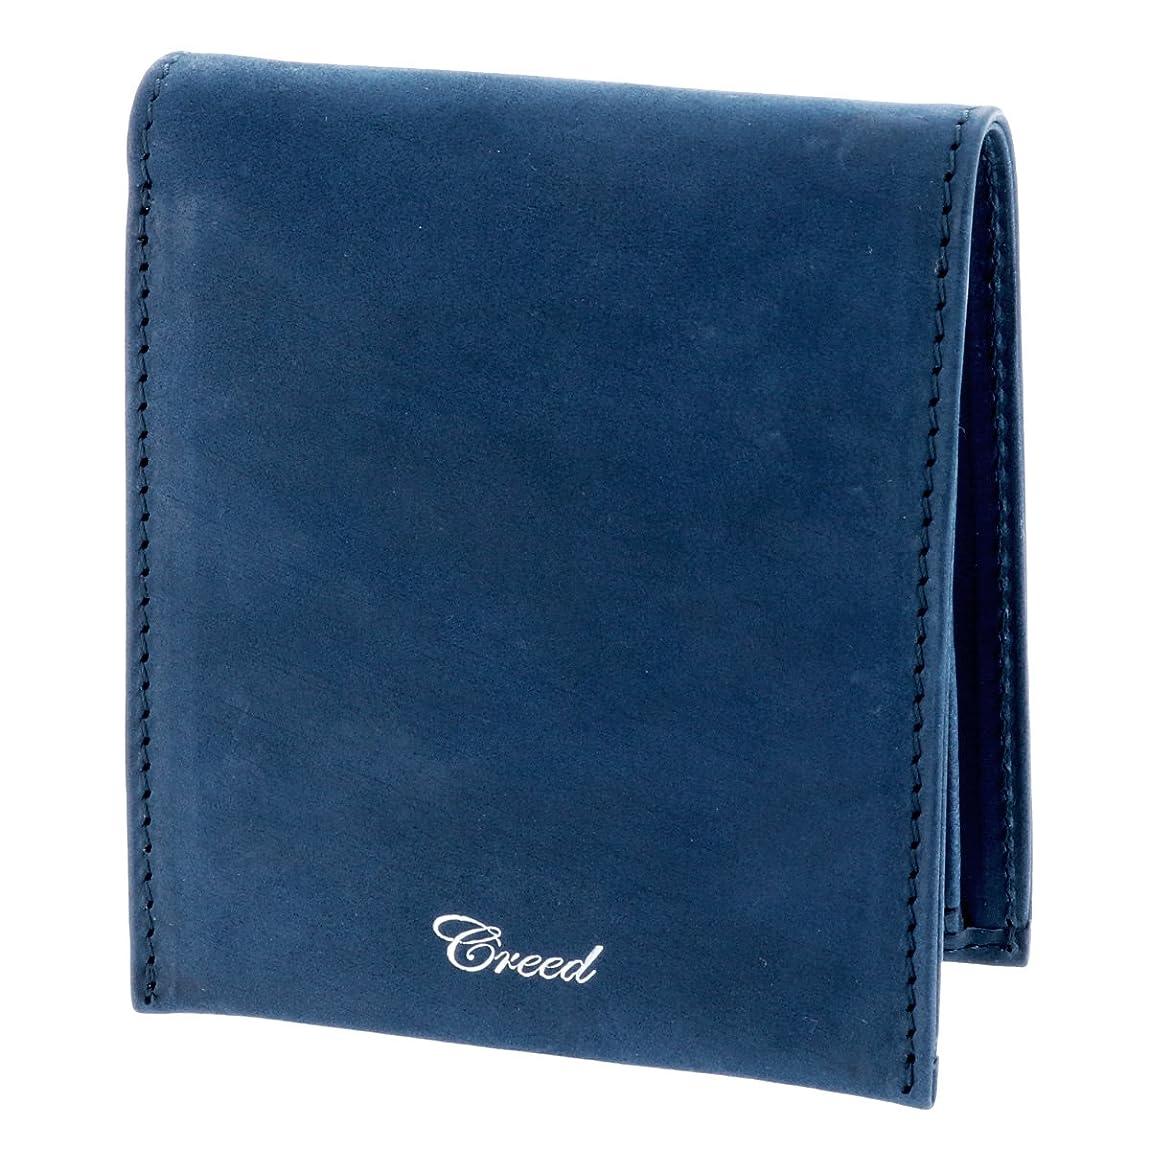 ホステル武装解除効率的に(クリード) Creed 2つ折財布